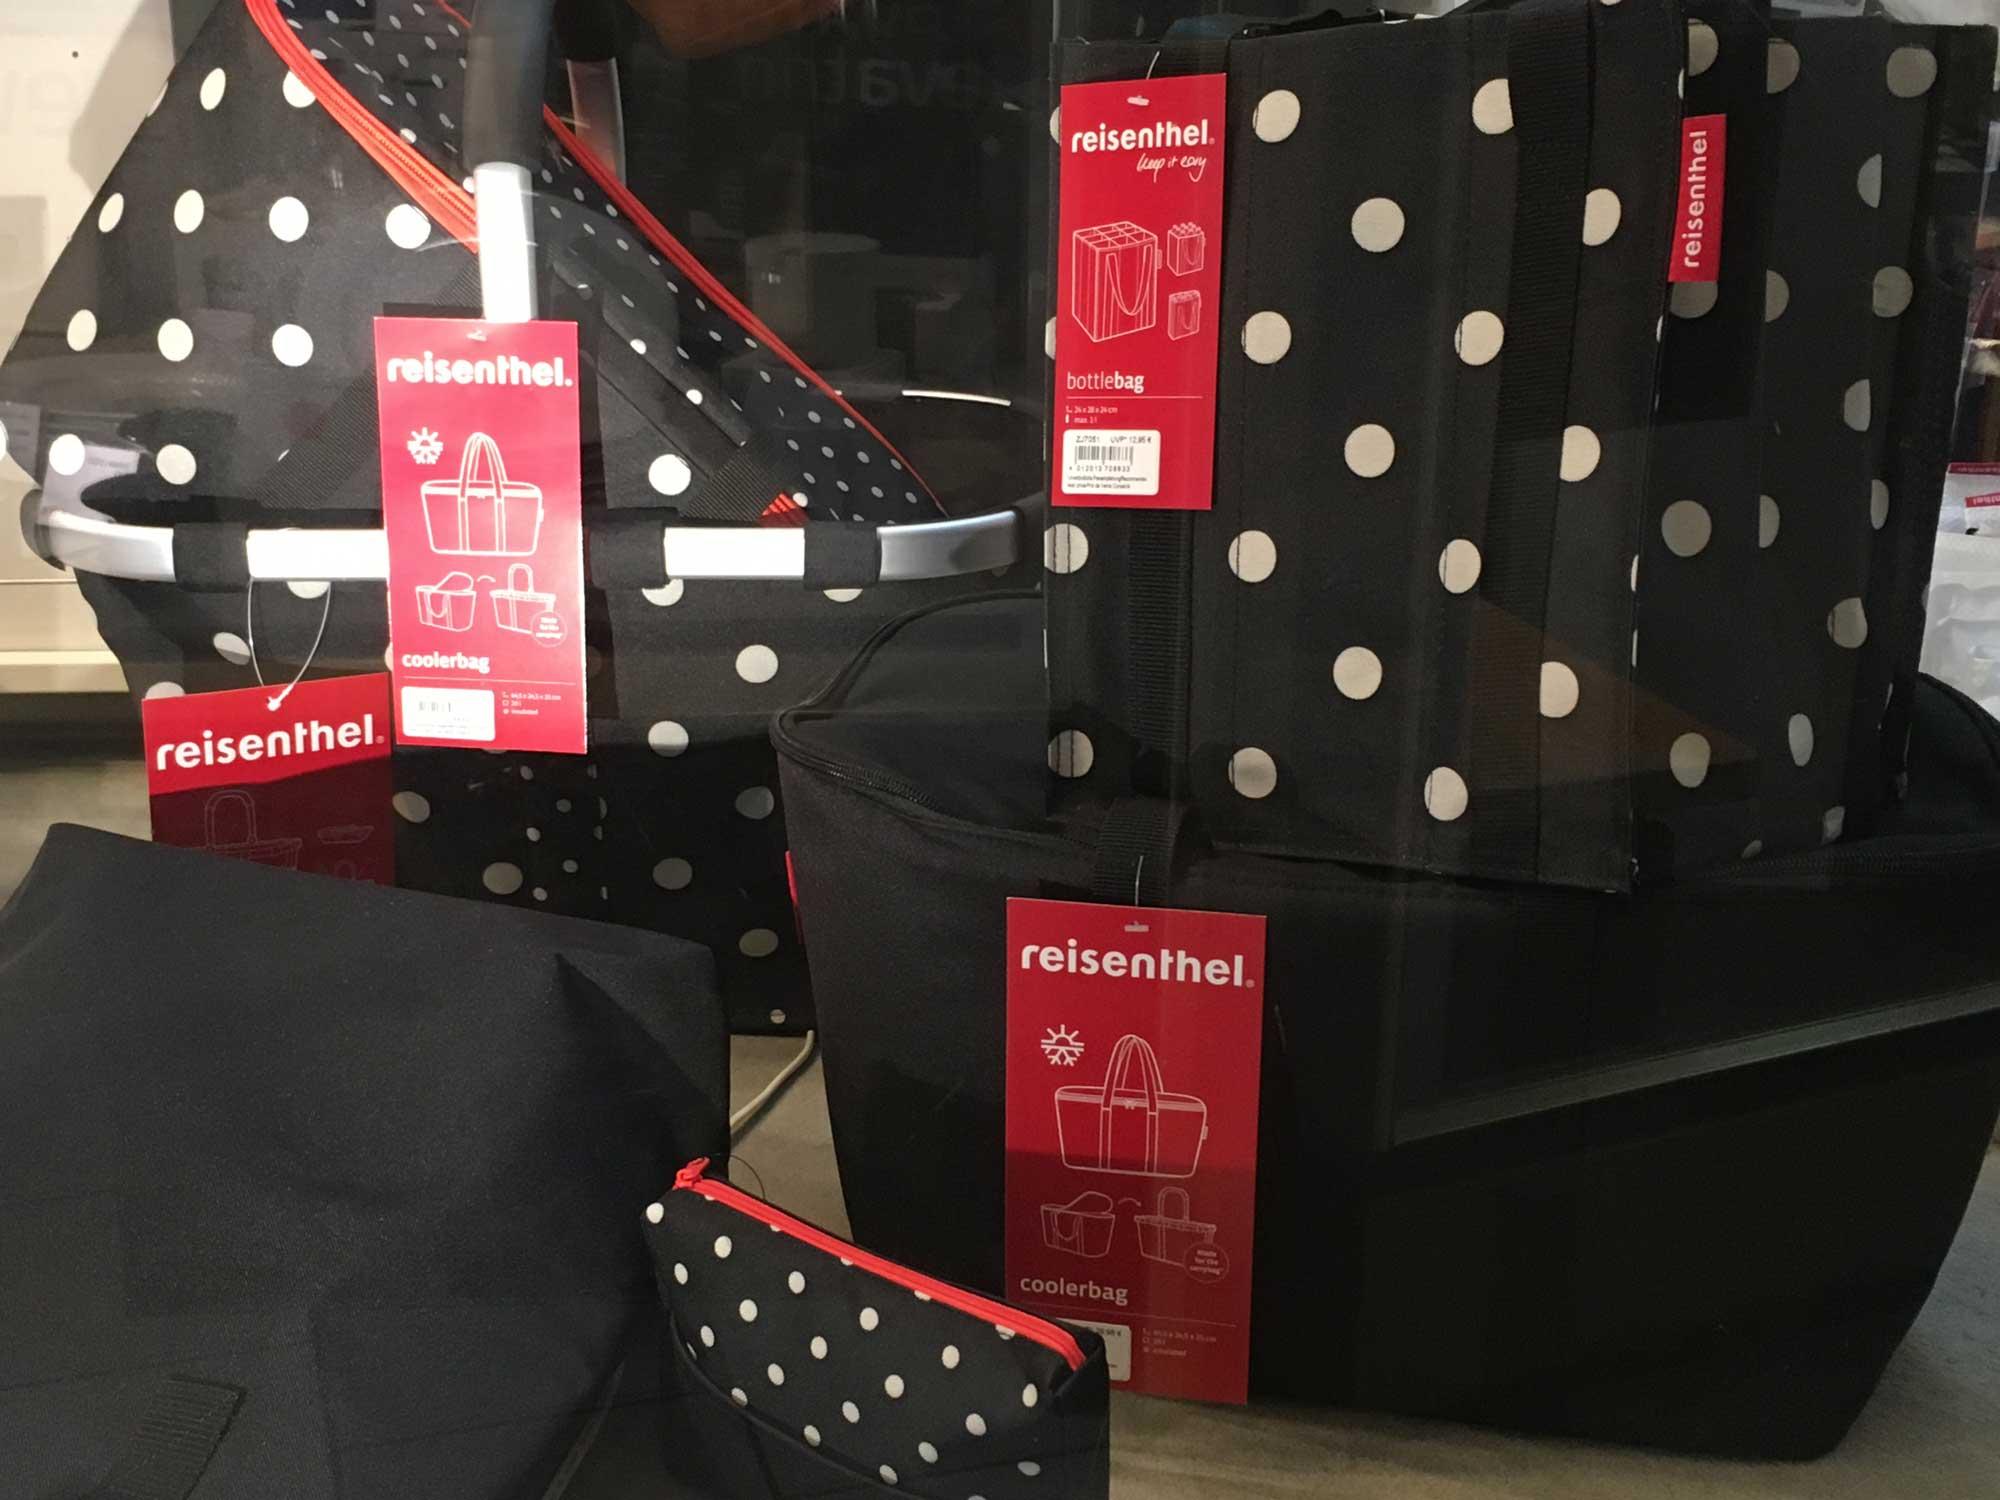 Punkte und Tupfen. Die neue Design-Idee von Reisenthel. Täschchen, Körbe, Flaschentaschen und Coolerbag fürs nächste Luxus  Picknick (… vielleicht sogar schon gefüllt?)